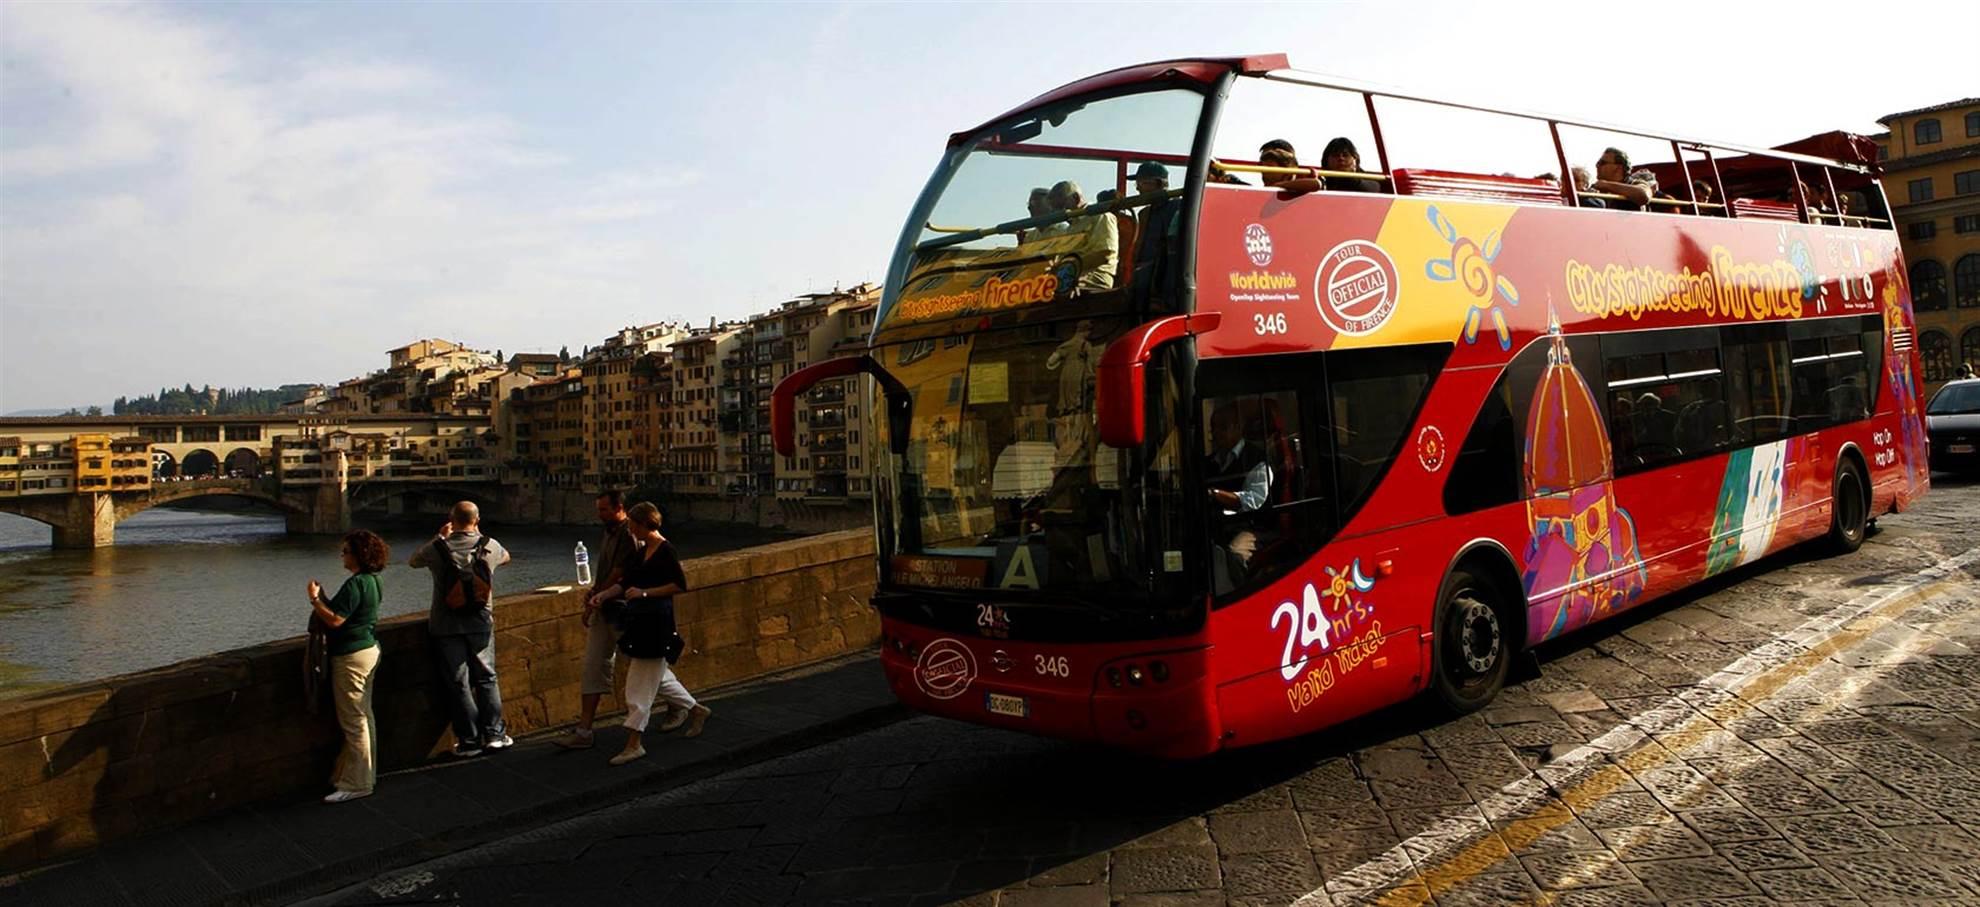 Ónibus Hop on Hop off em Florença